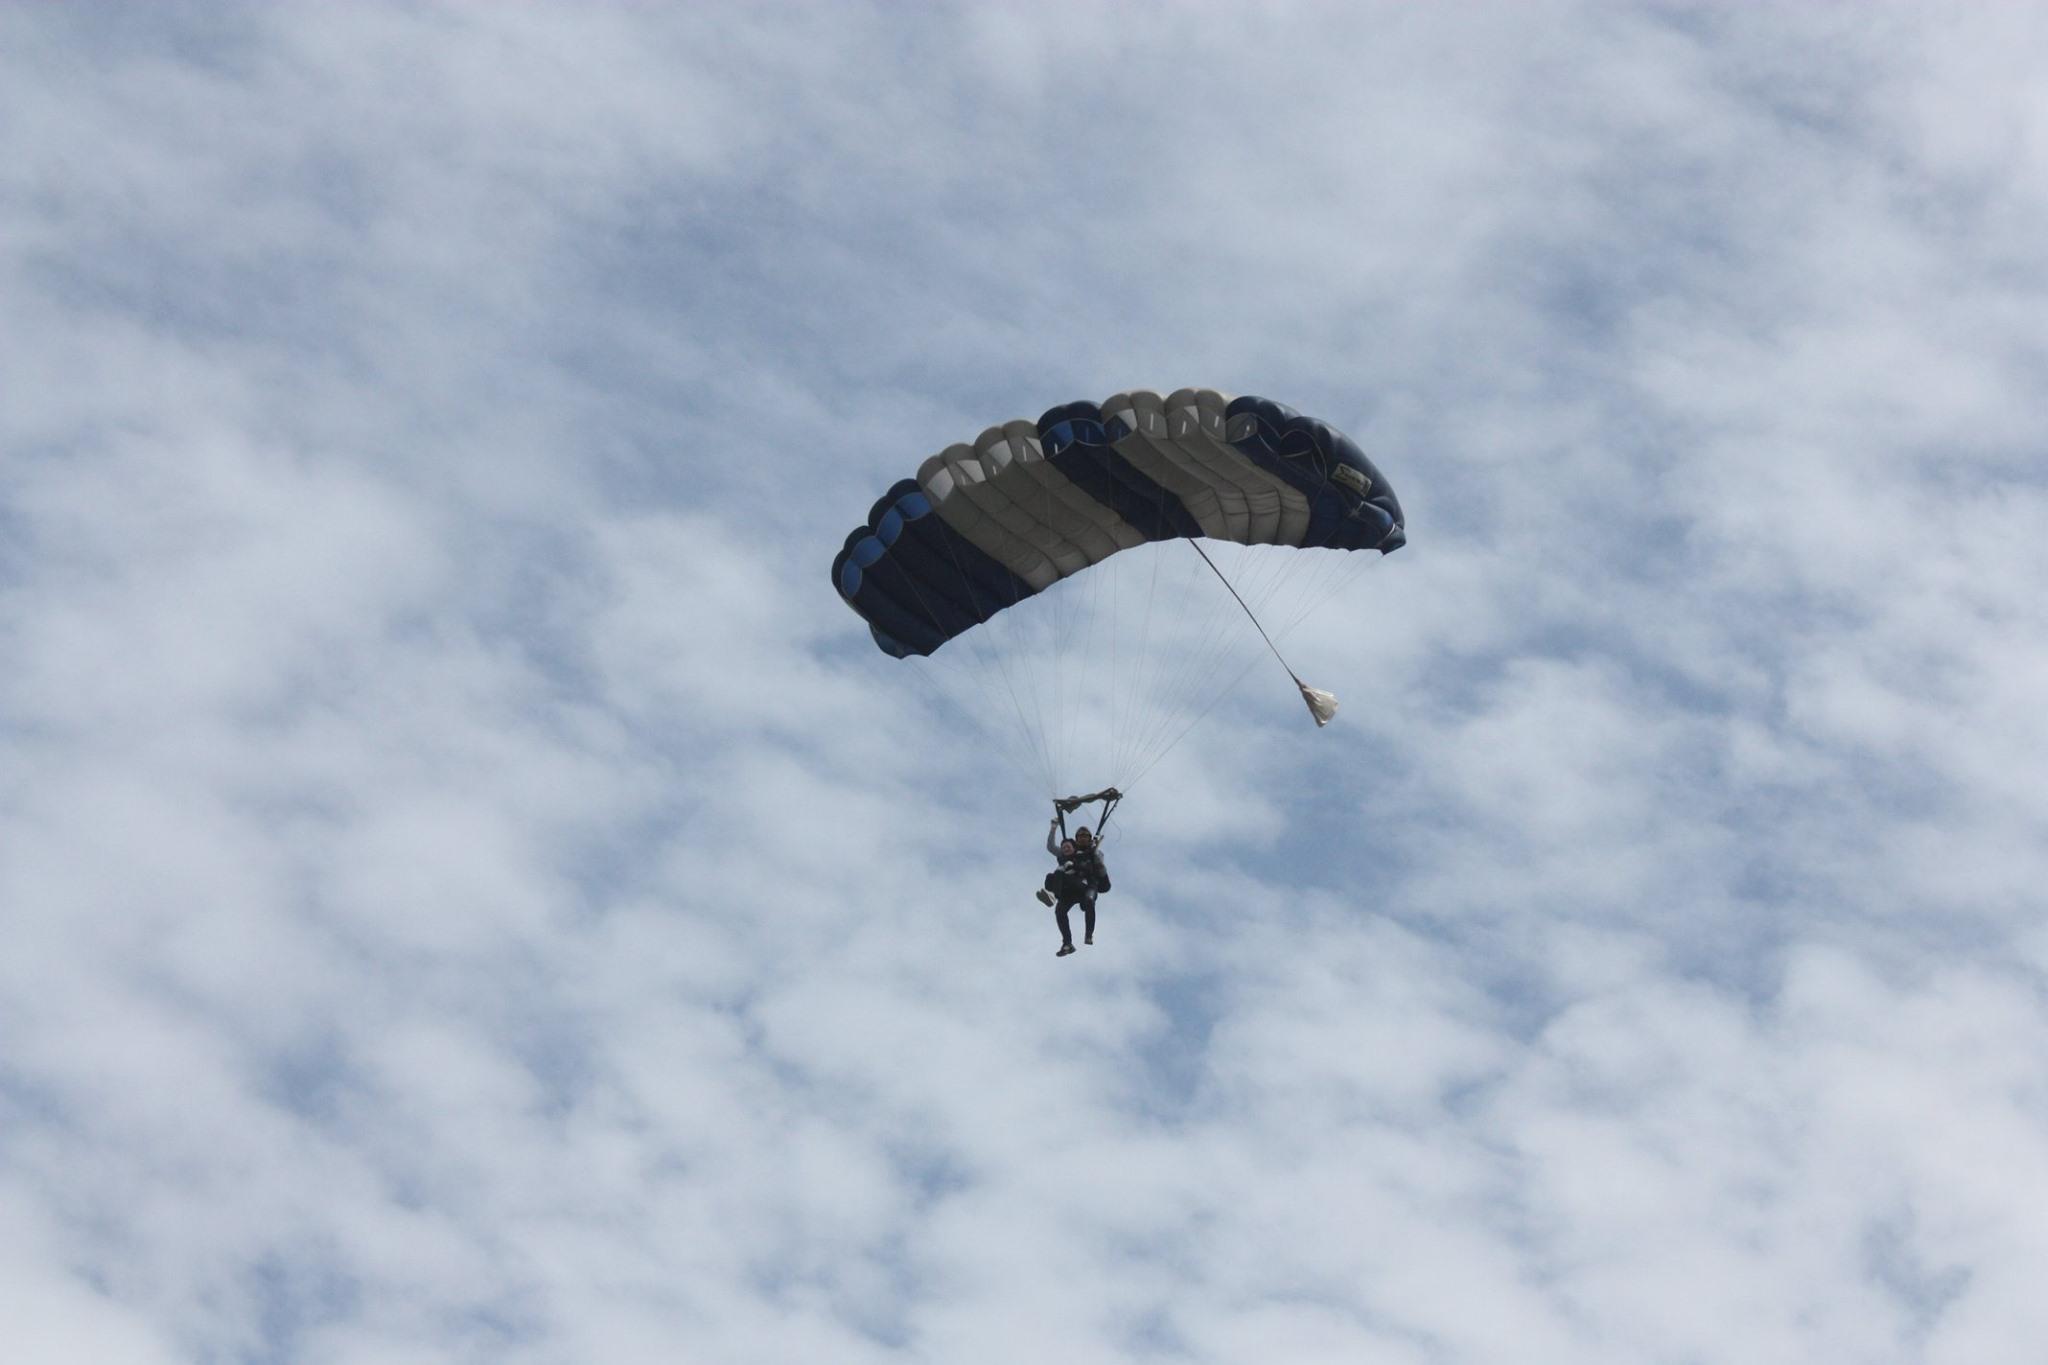 «Хотела увидеть землю сверху». Как Майя Санду прыгала с парашютом в свой день рождения (ФОТО)